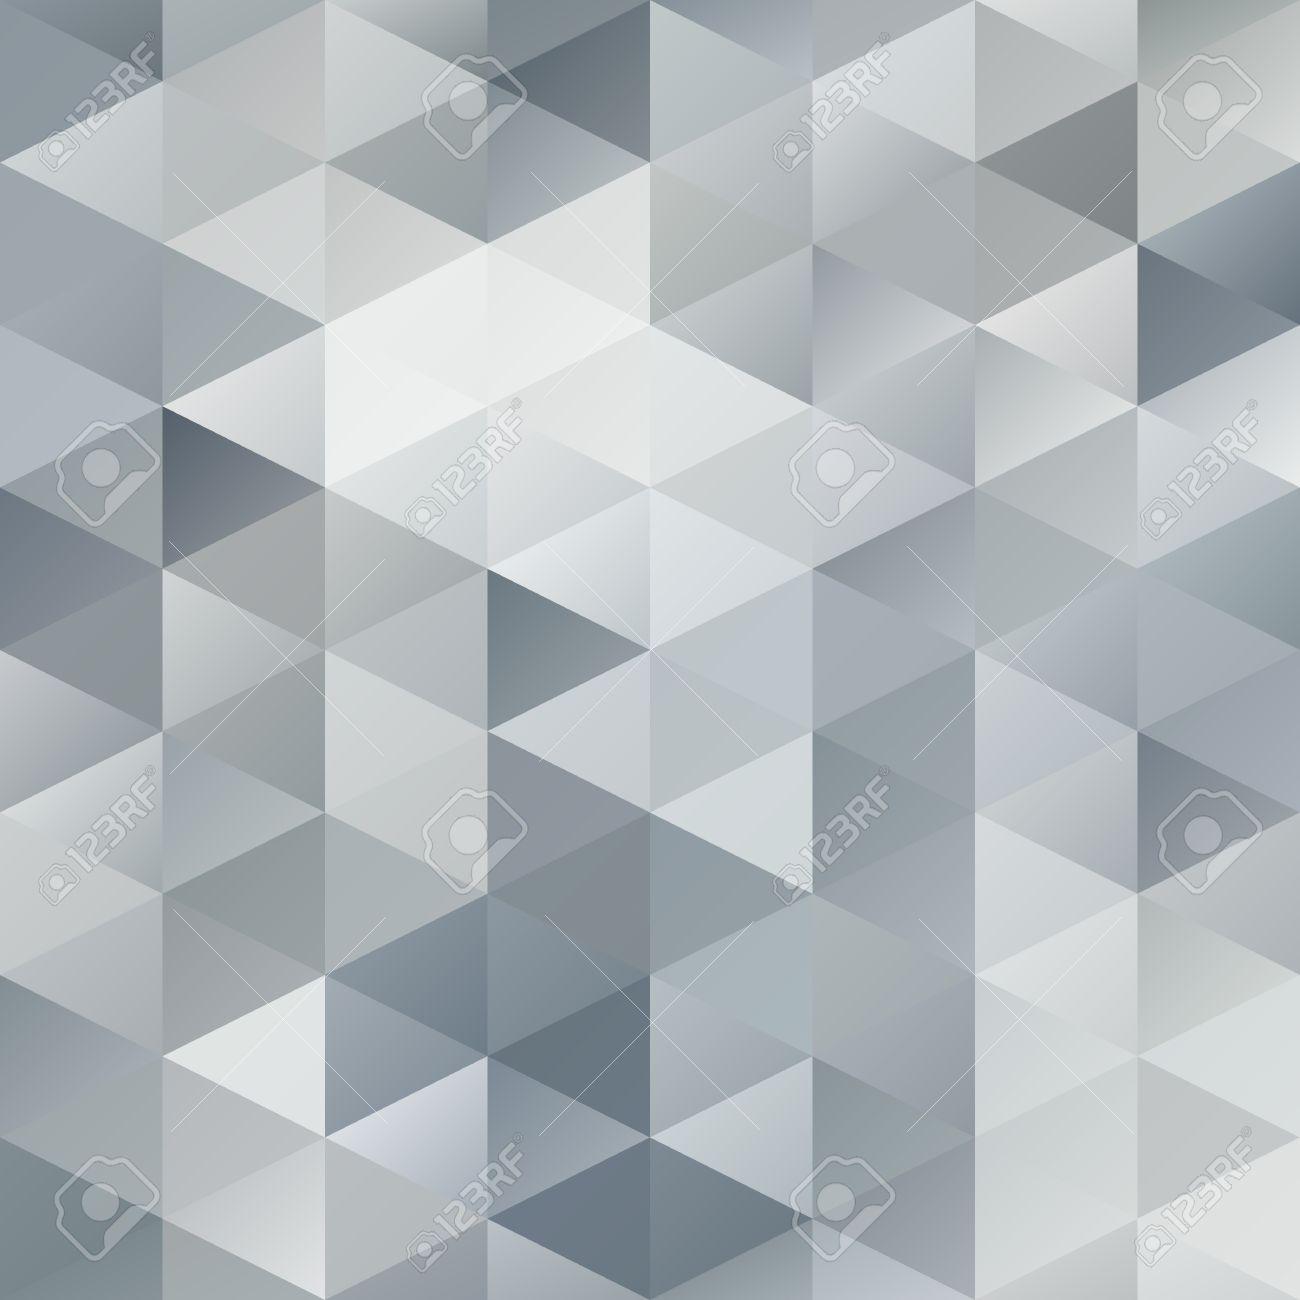 Grau, Weiß, Gitter Mosaic Hintergrund, Kreatives Design Vorlagen ...